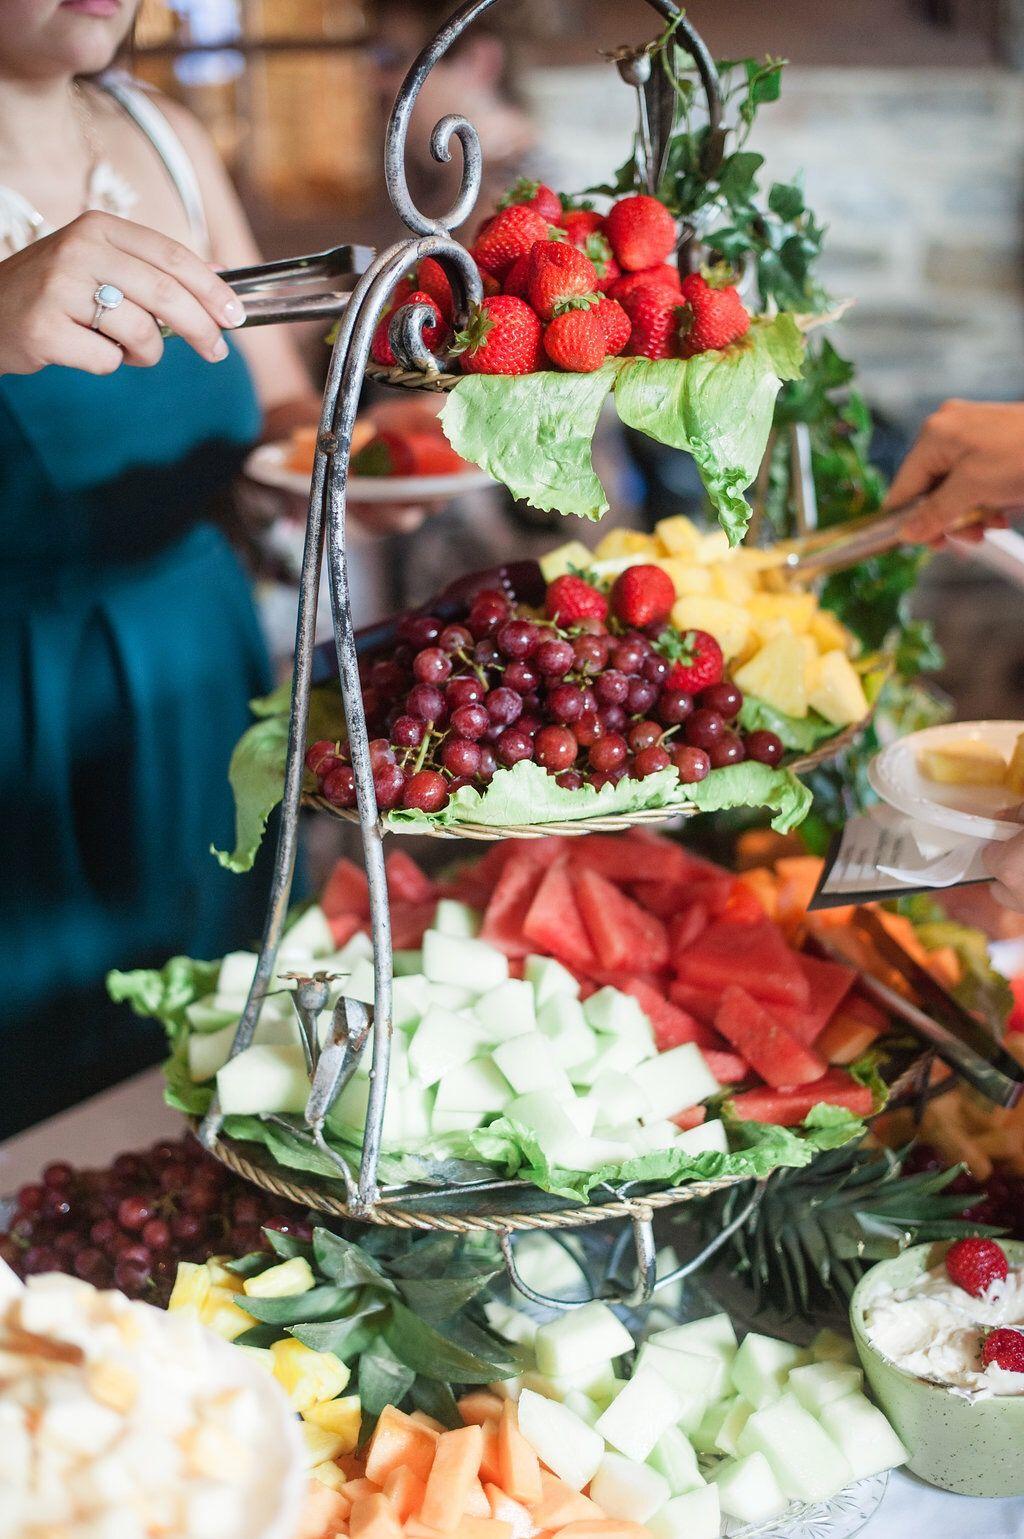 Pin by Brick Gables on [Eats] Cobb salad, Food, Salad